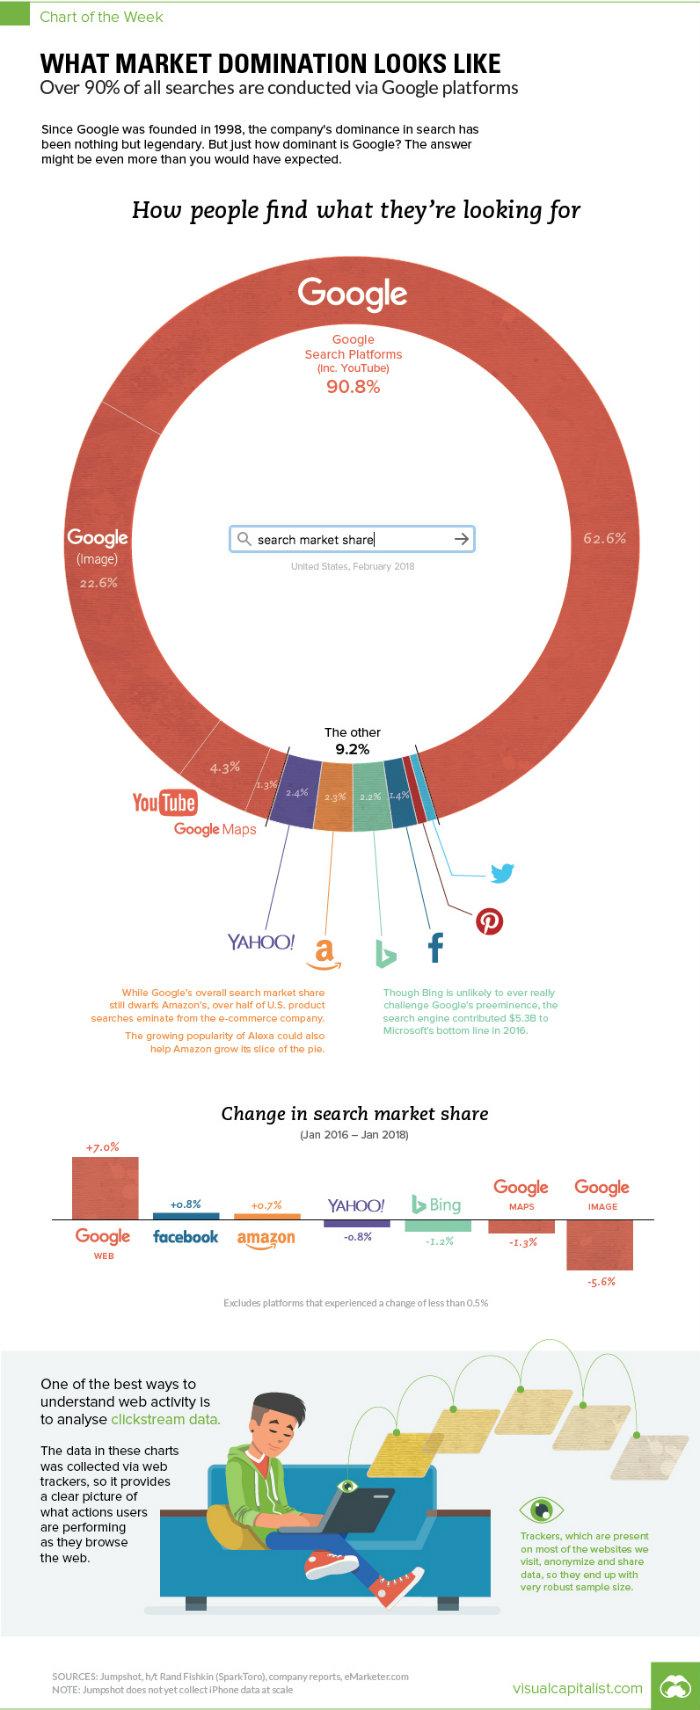 Google leader assoluto nel web: un'infografica illustra il suo dominio